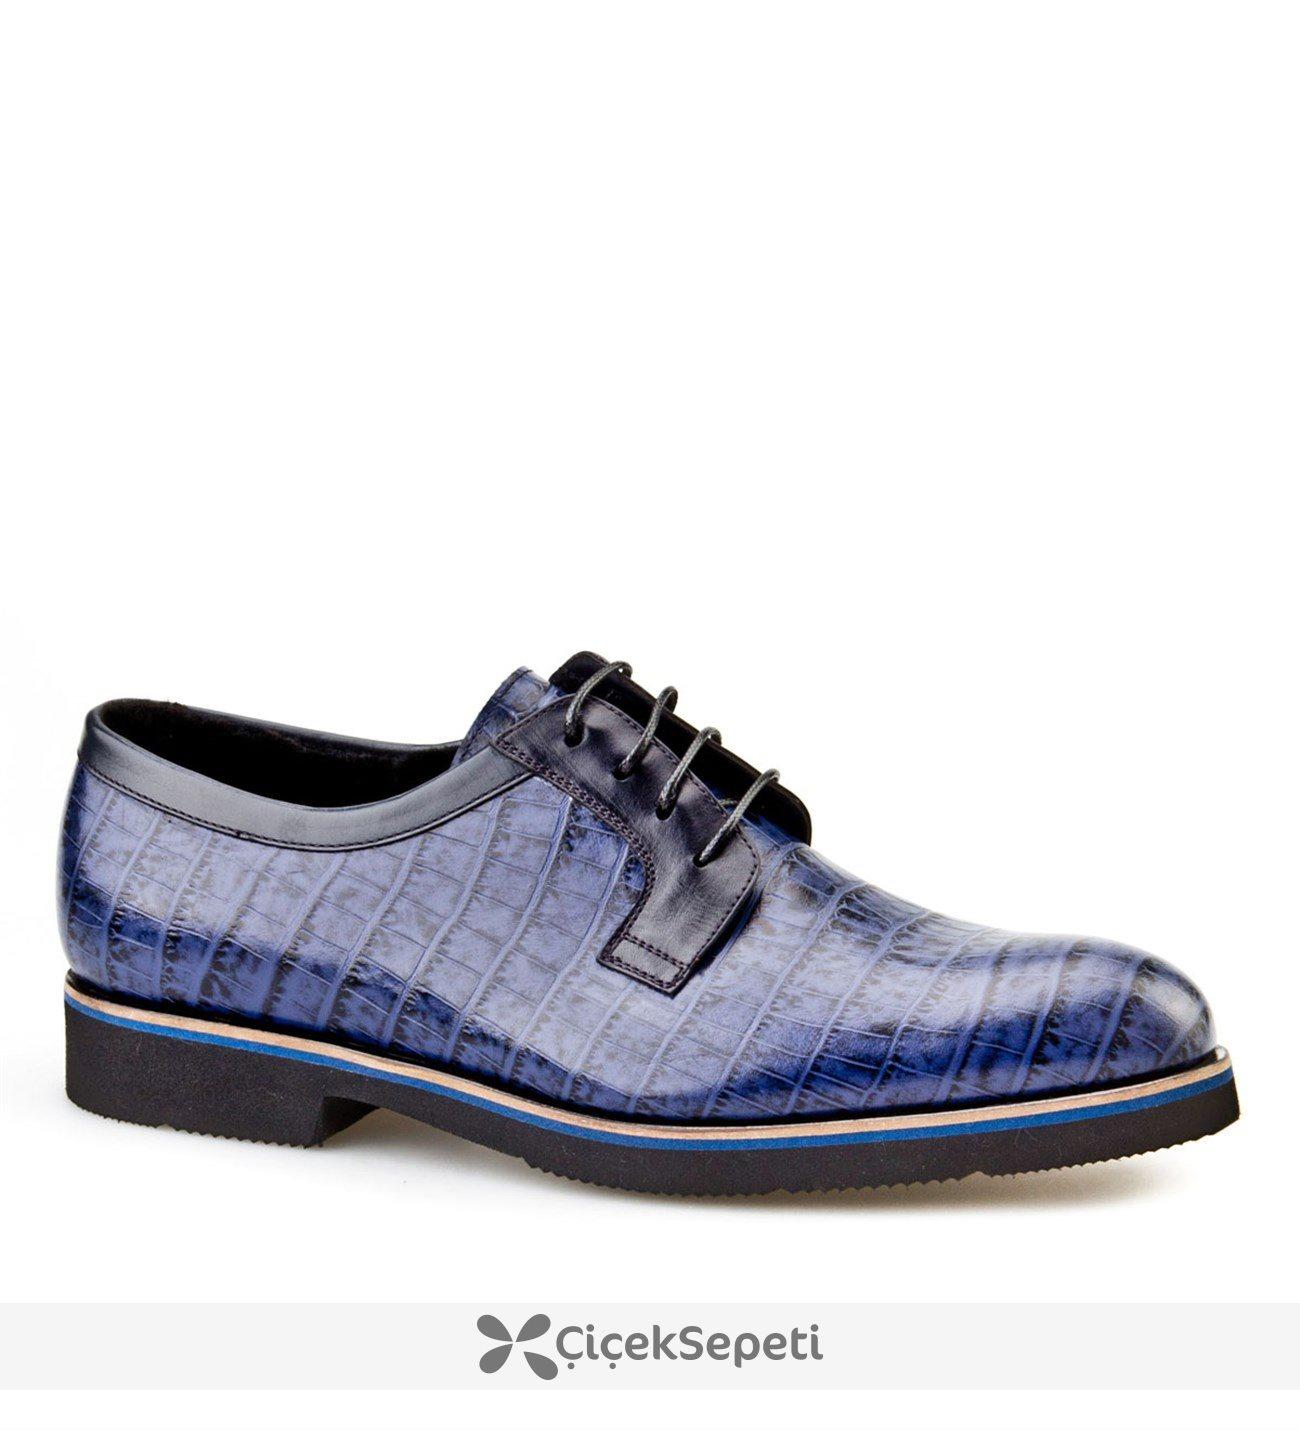 Cabani Kürklü Bağcıklı Klasik Erkek Ayakkabı Lacivert Croco Deri